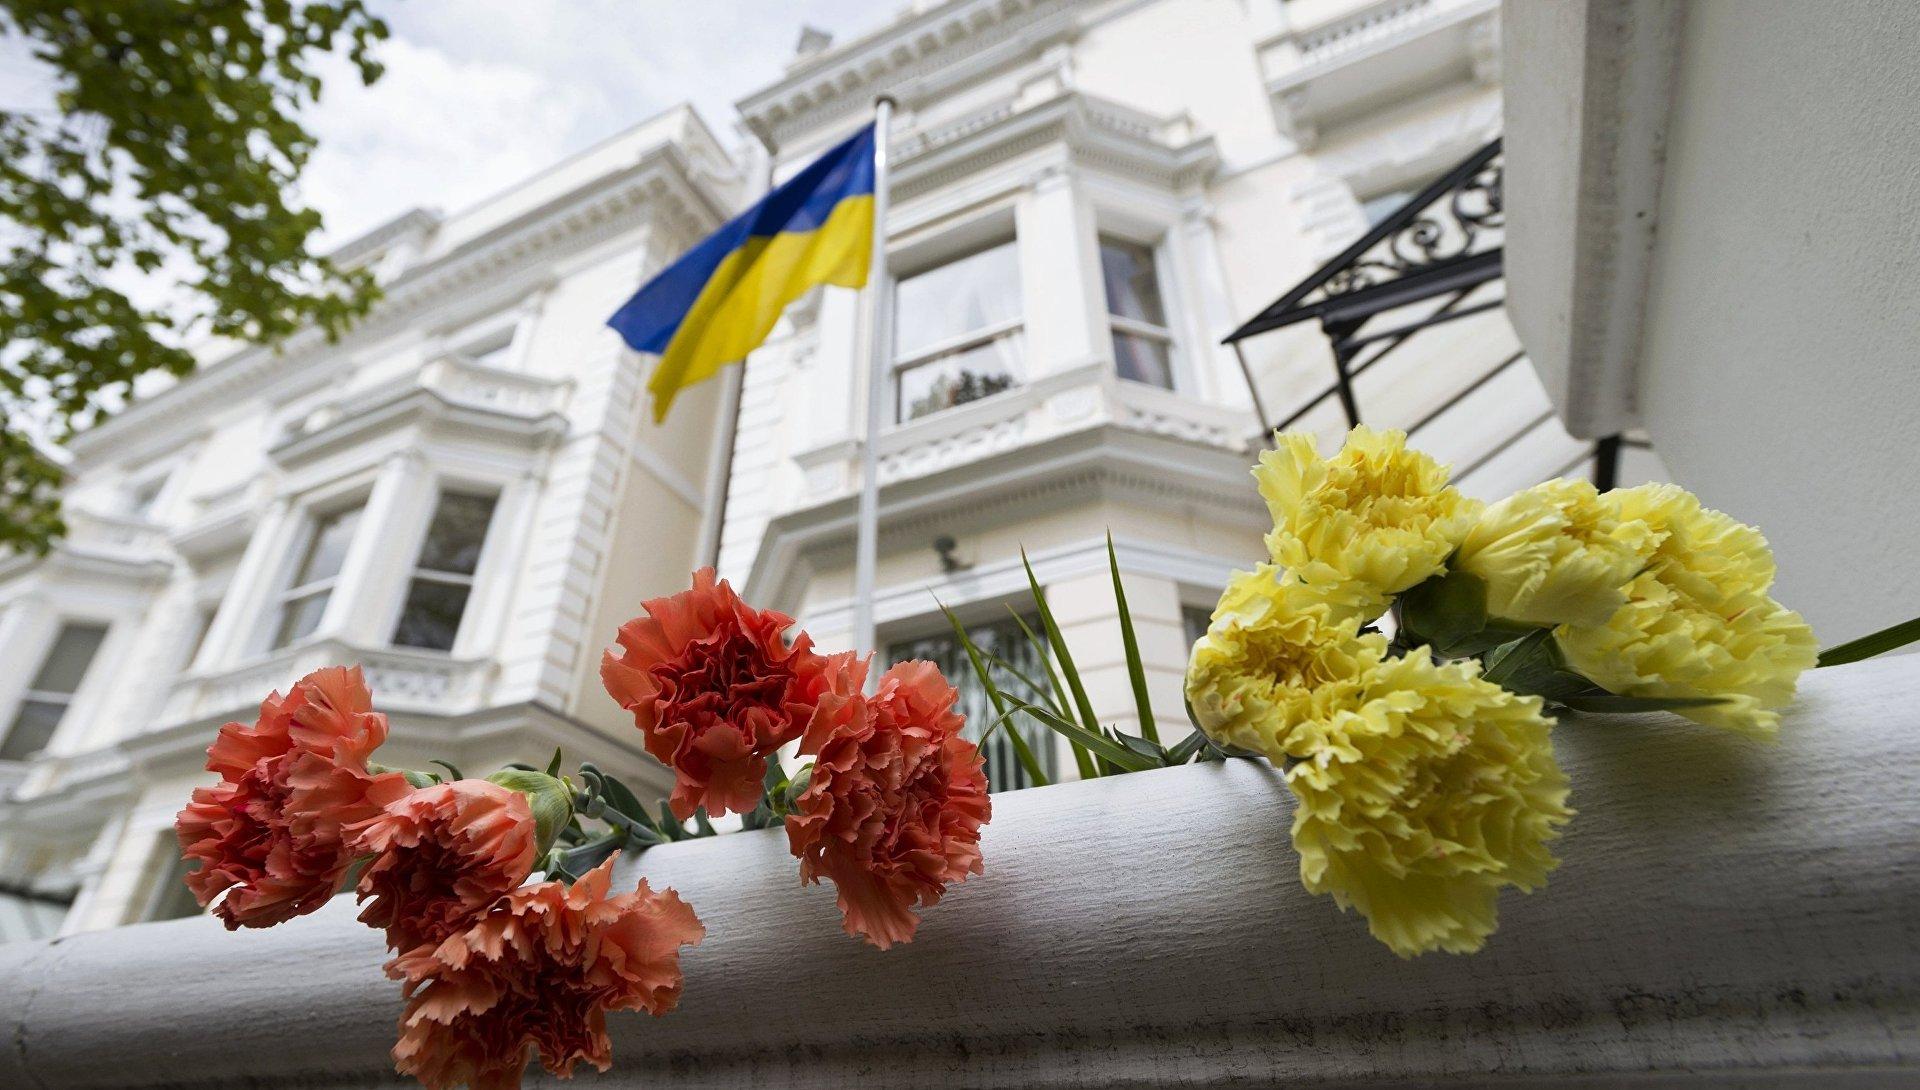 http://ukraina.ru/images/101350/31/1013503125.jpg